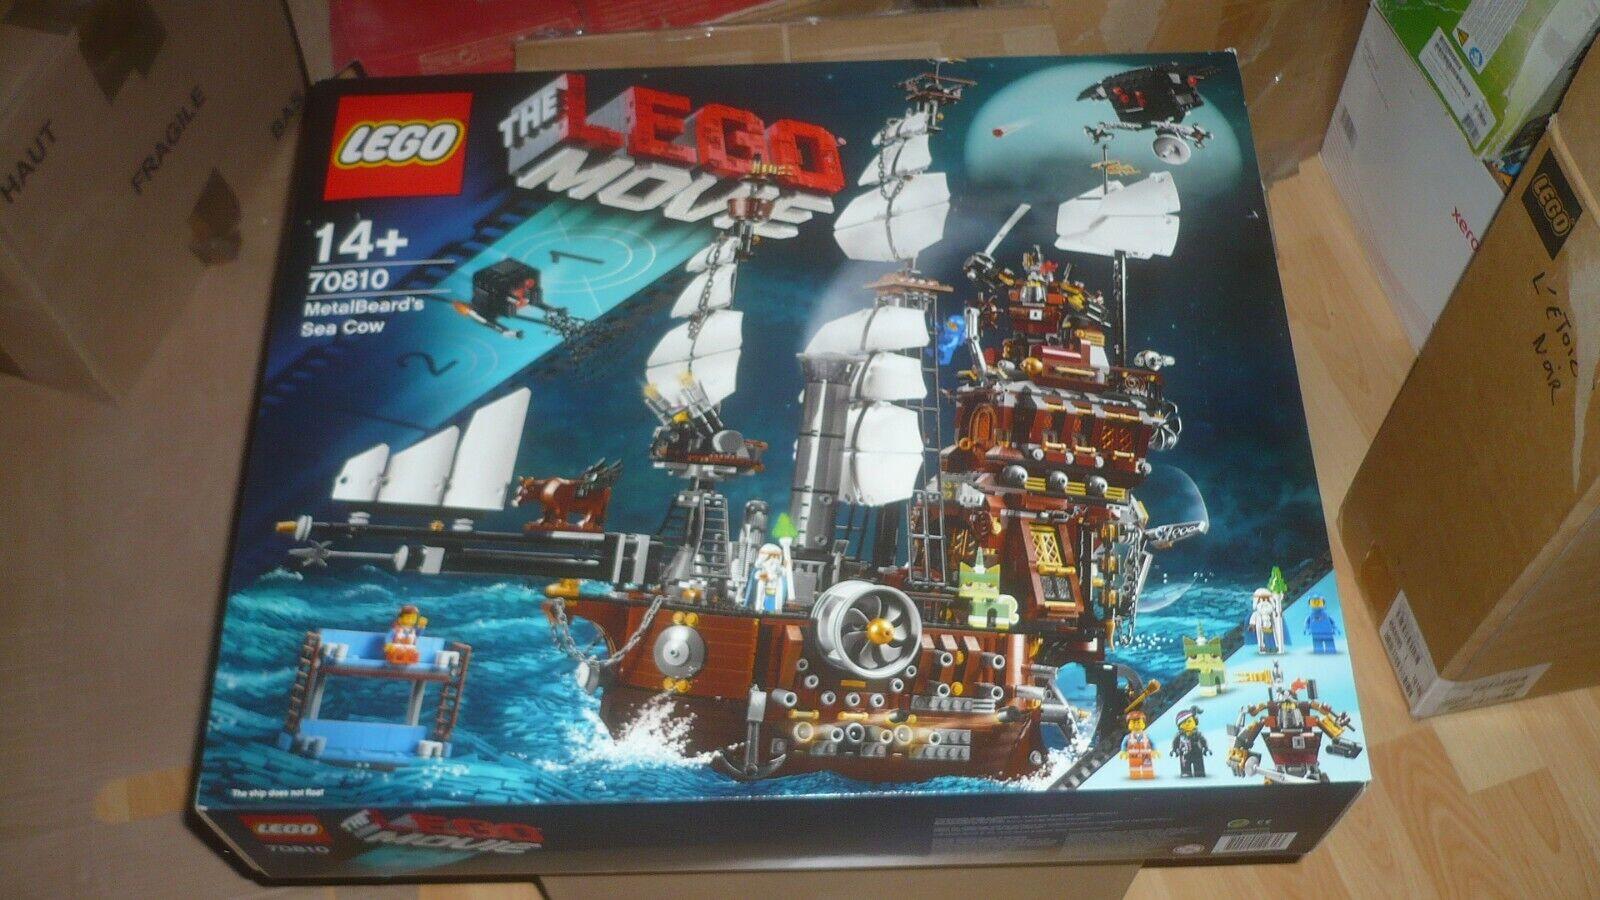 LEGO 70810   The Lego Movie  MetalBeard's Sea Cow NEW NEUF